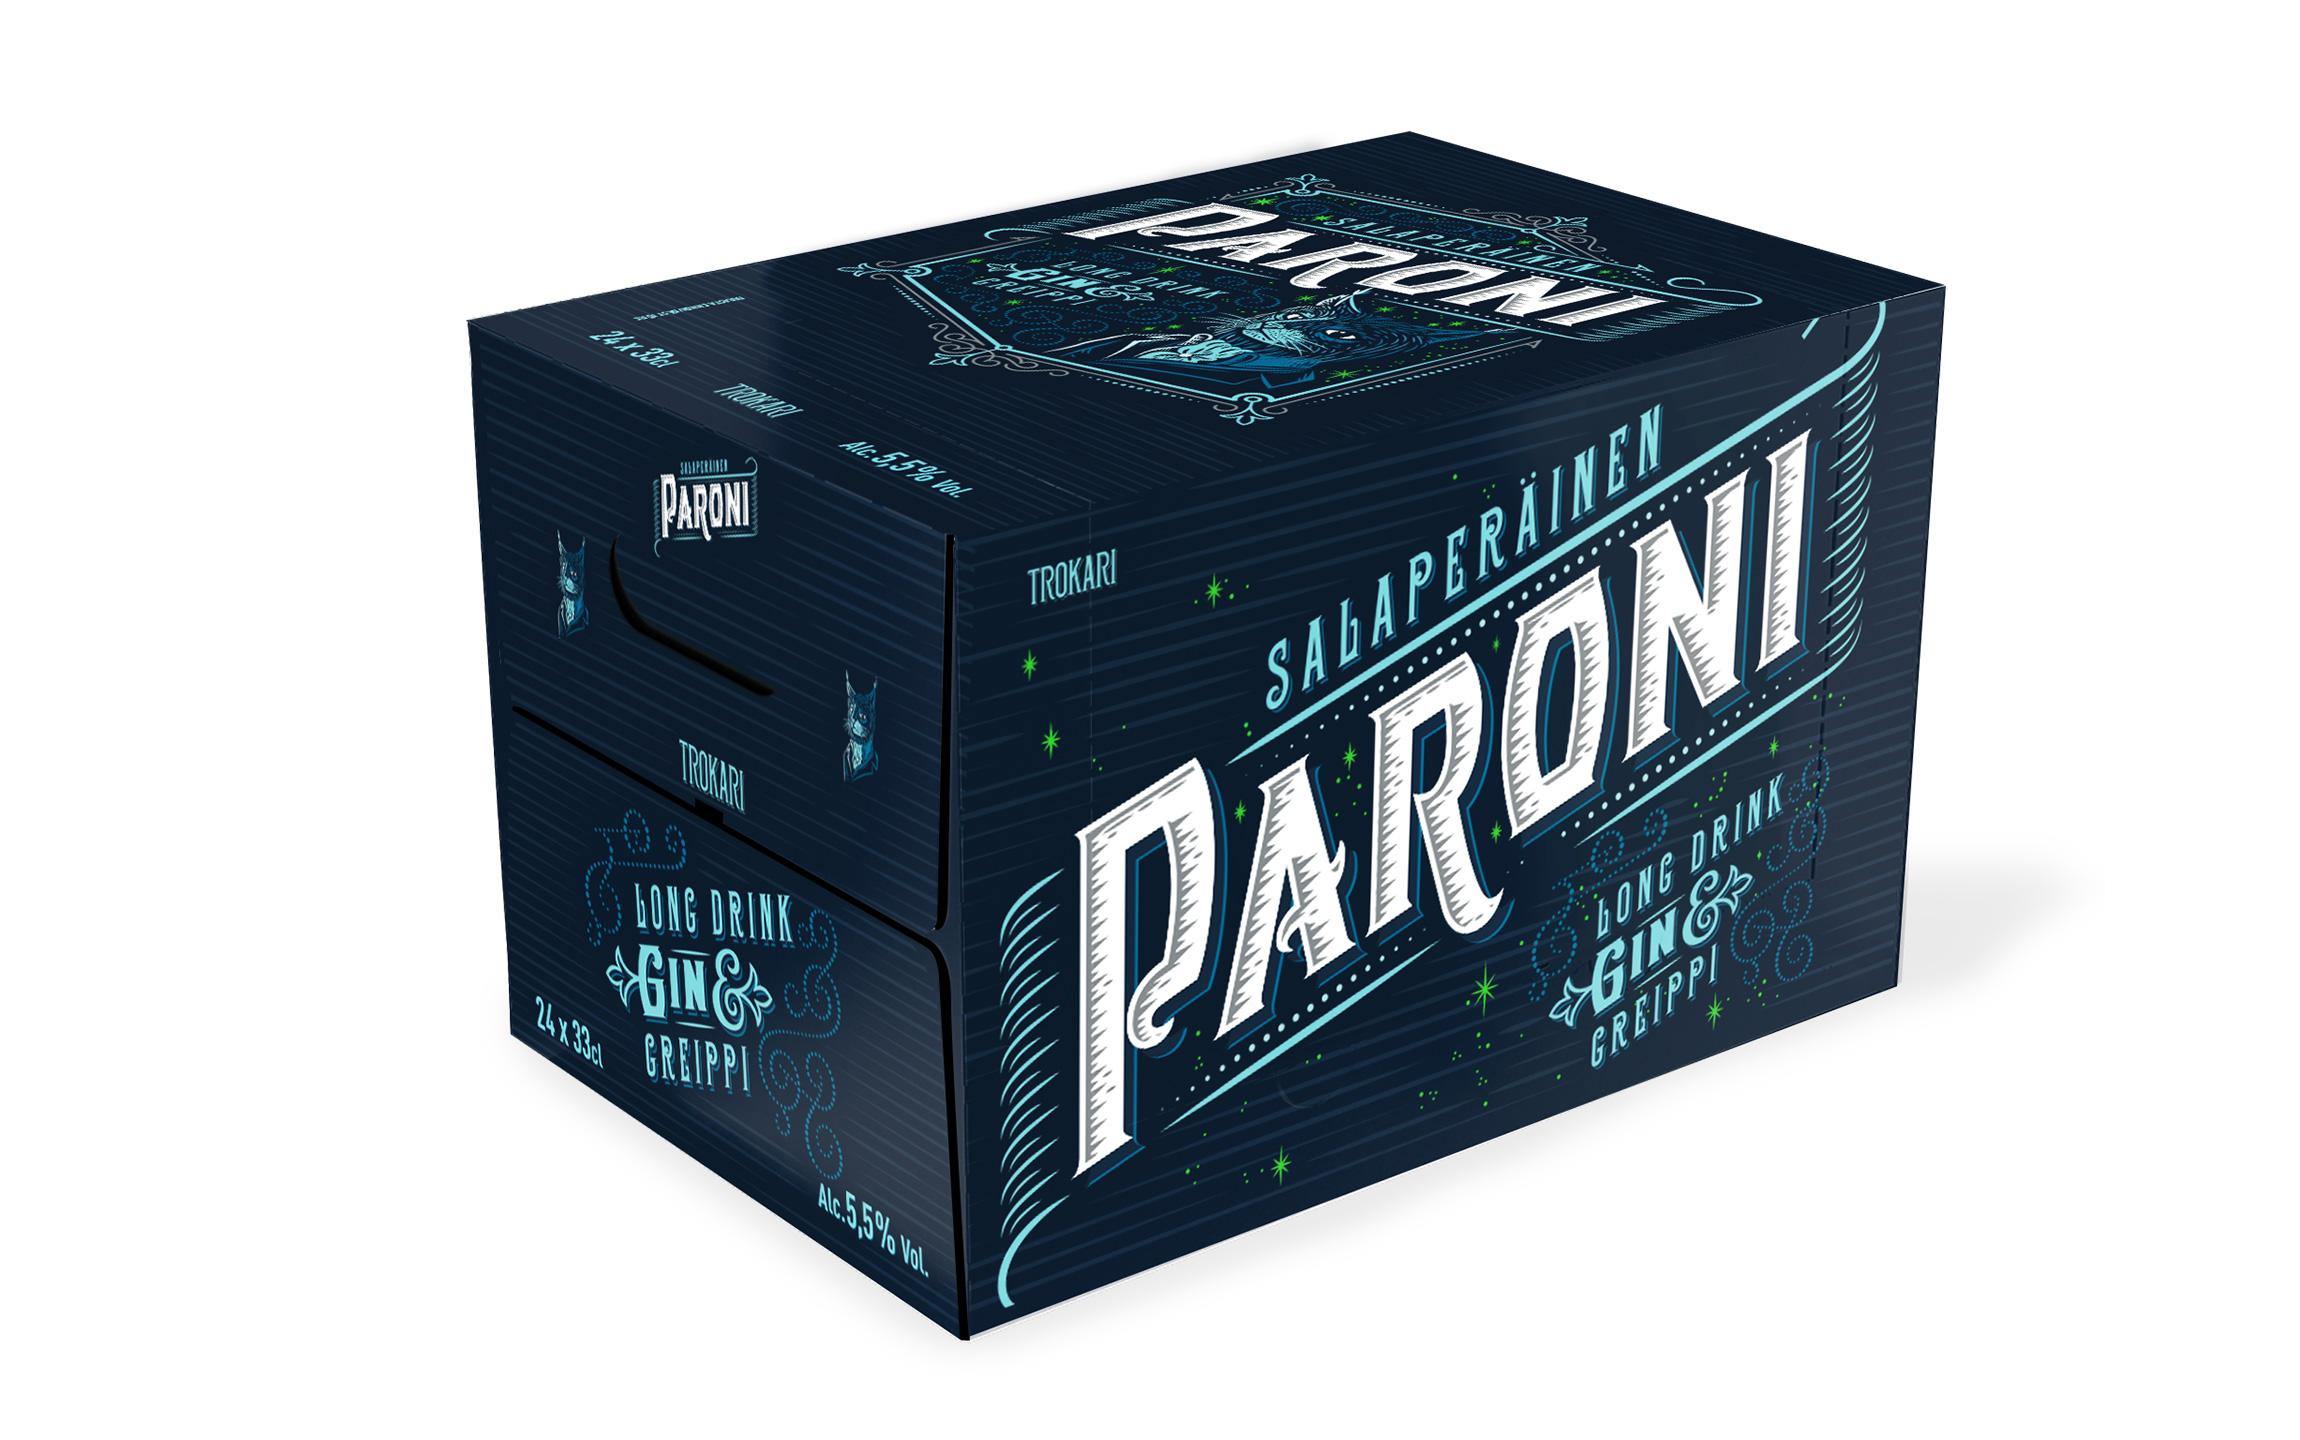 Trokari_box_paroni